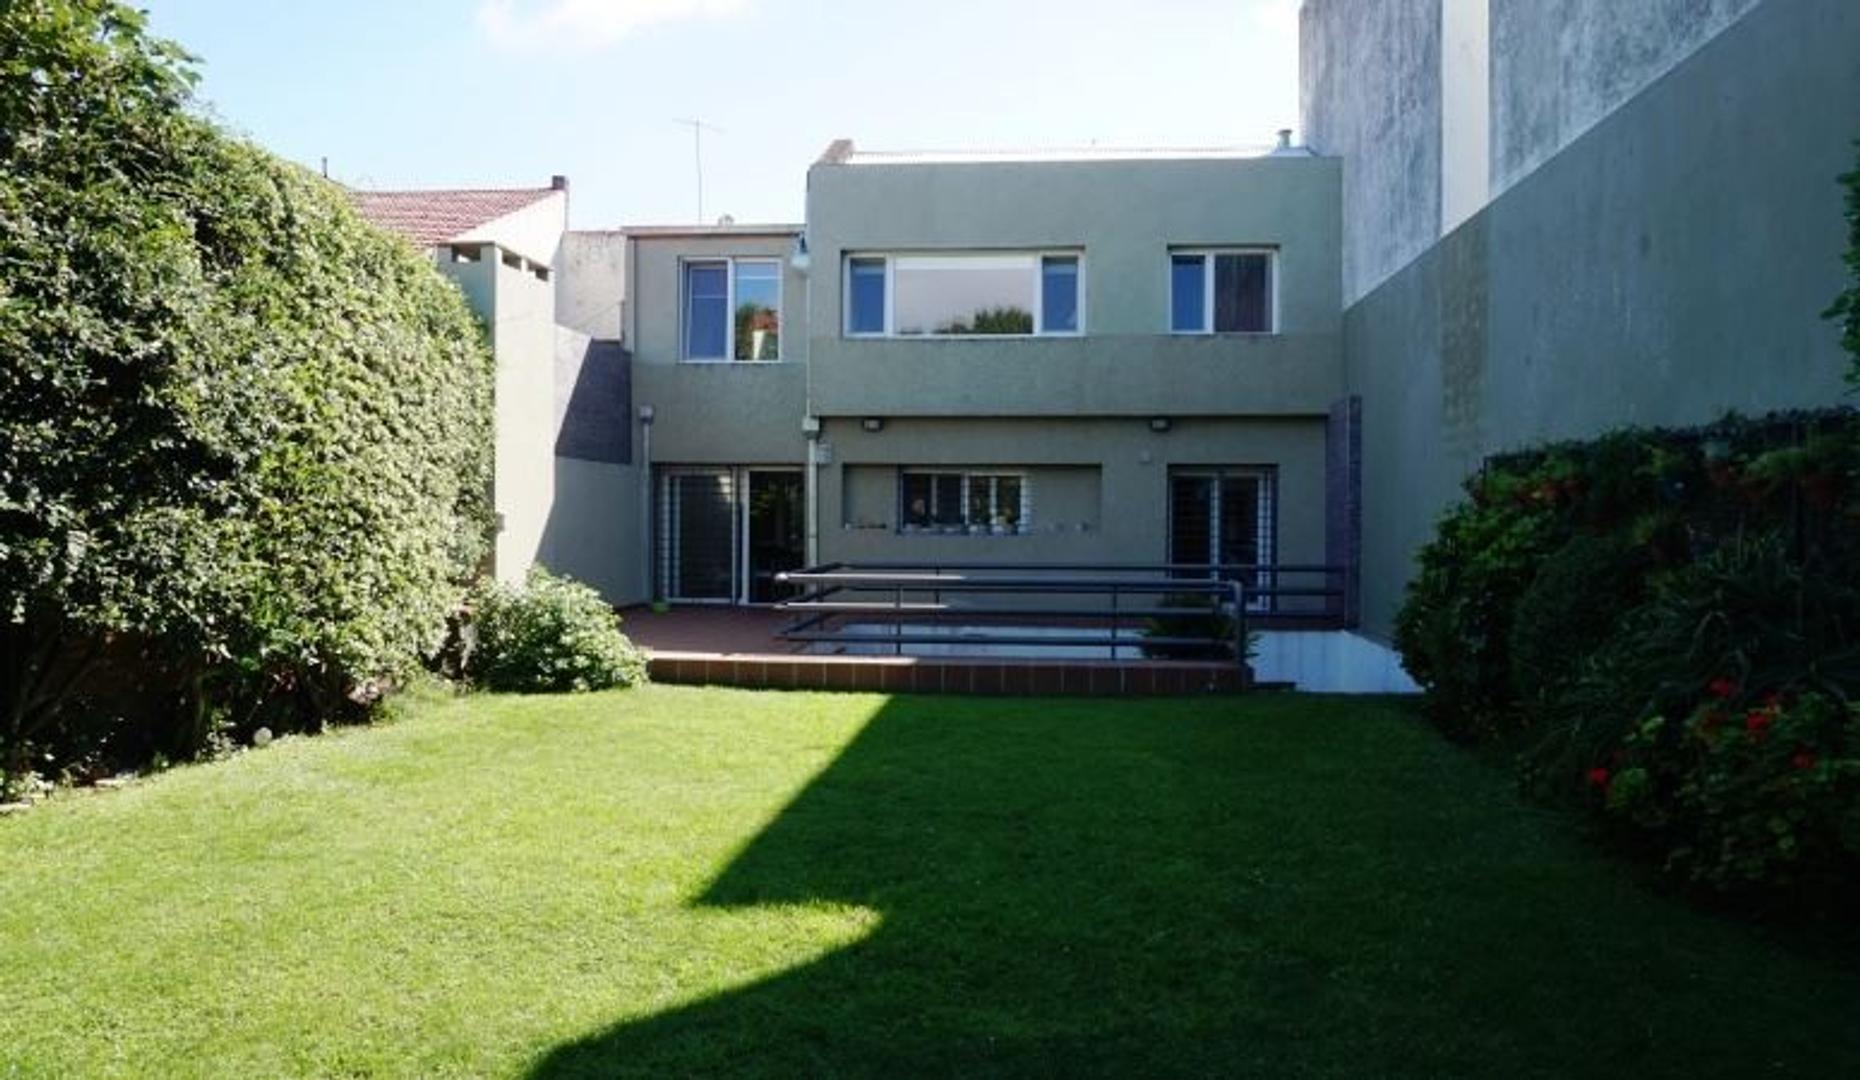 Casa reciclada con estilo moderno, en excelente ubicación de Stella Maris.